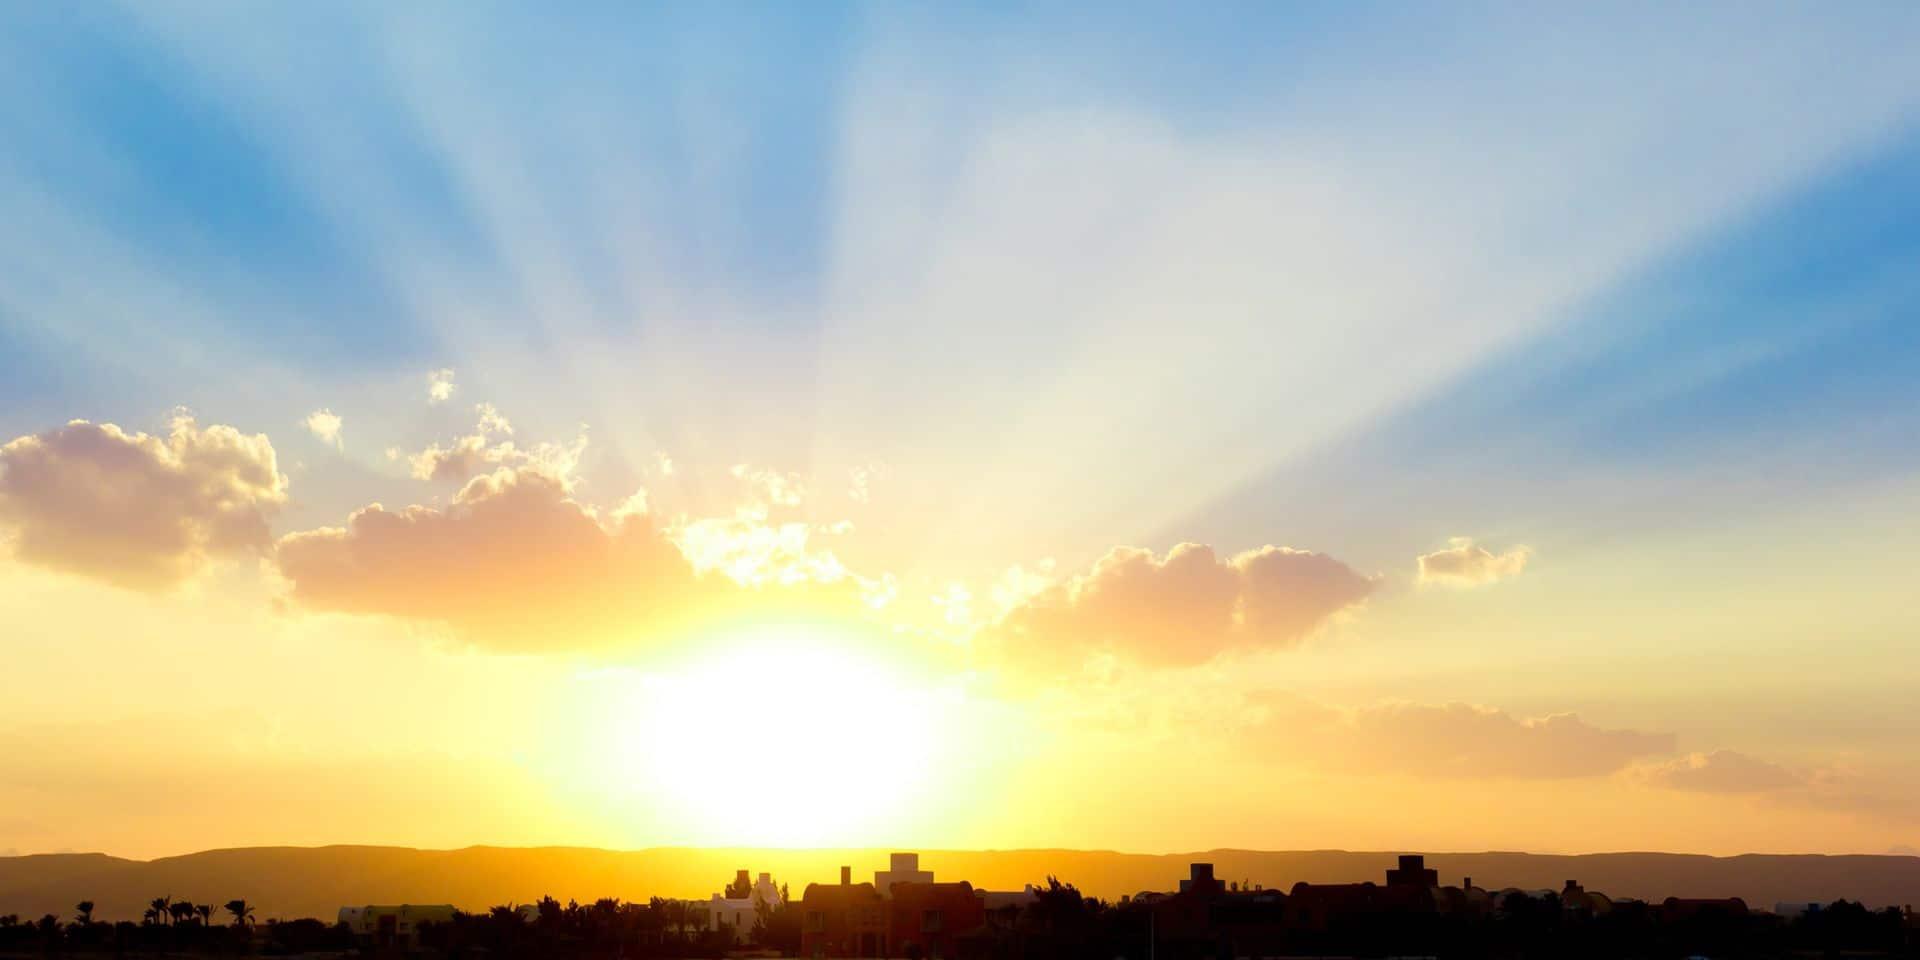 Météo: les lunettes de soleil resteront indispensables dimanche